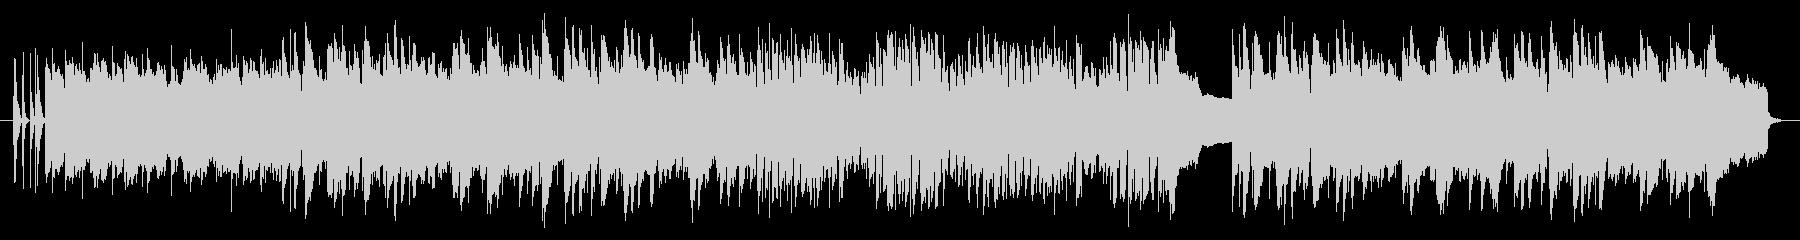 南国をイメージしたウクレレのオリジナル曲の未再生の波形